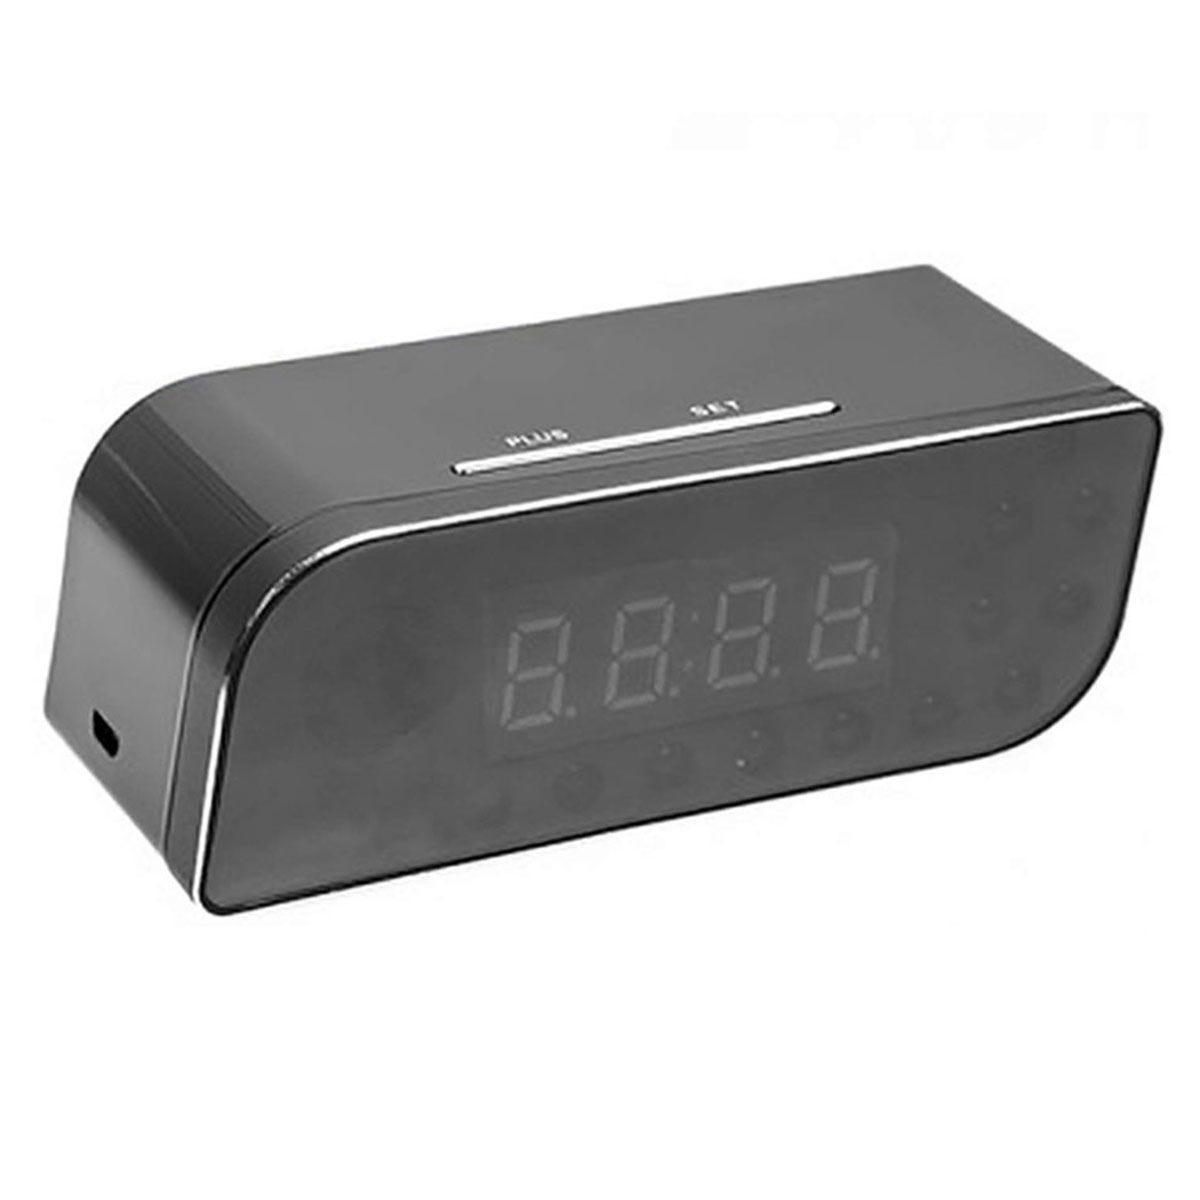 Covert IP Camera Digital Clock